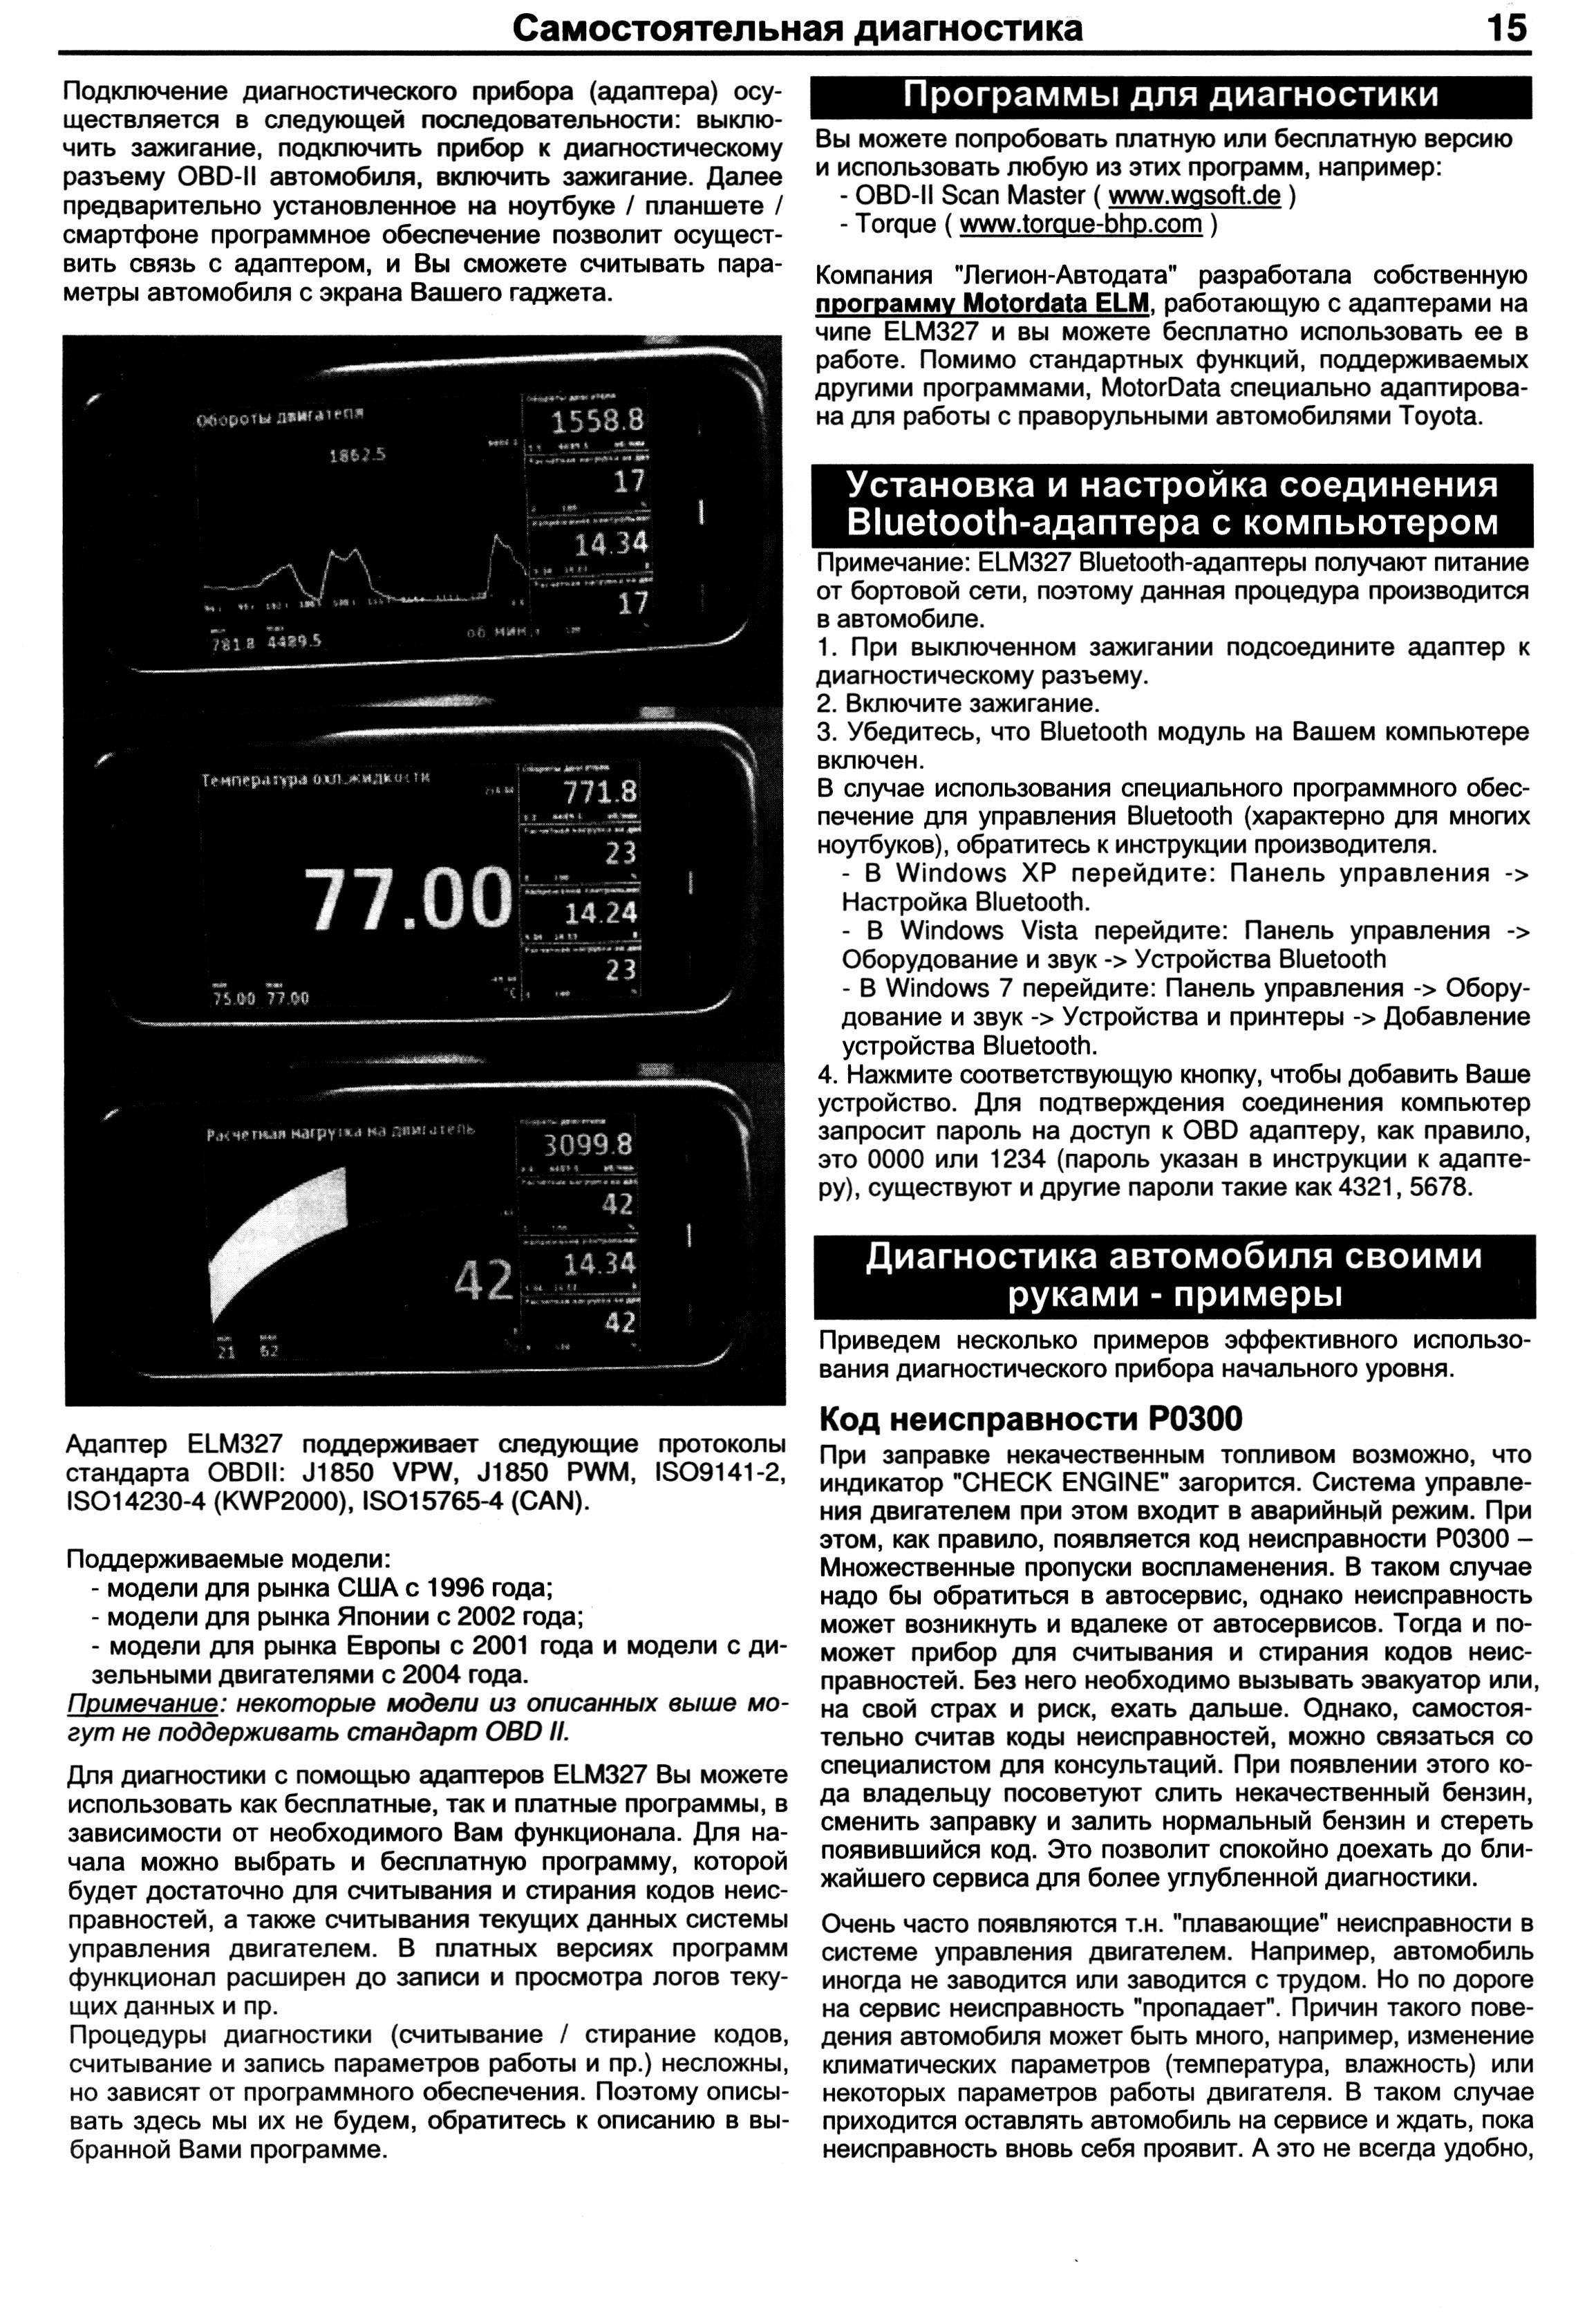 Инструкция по эксплуатации рено меган 3 дизель универсал на русском